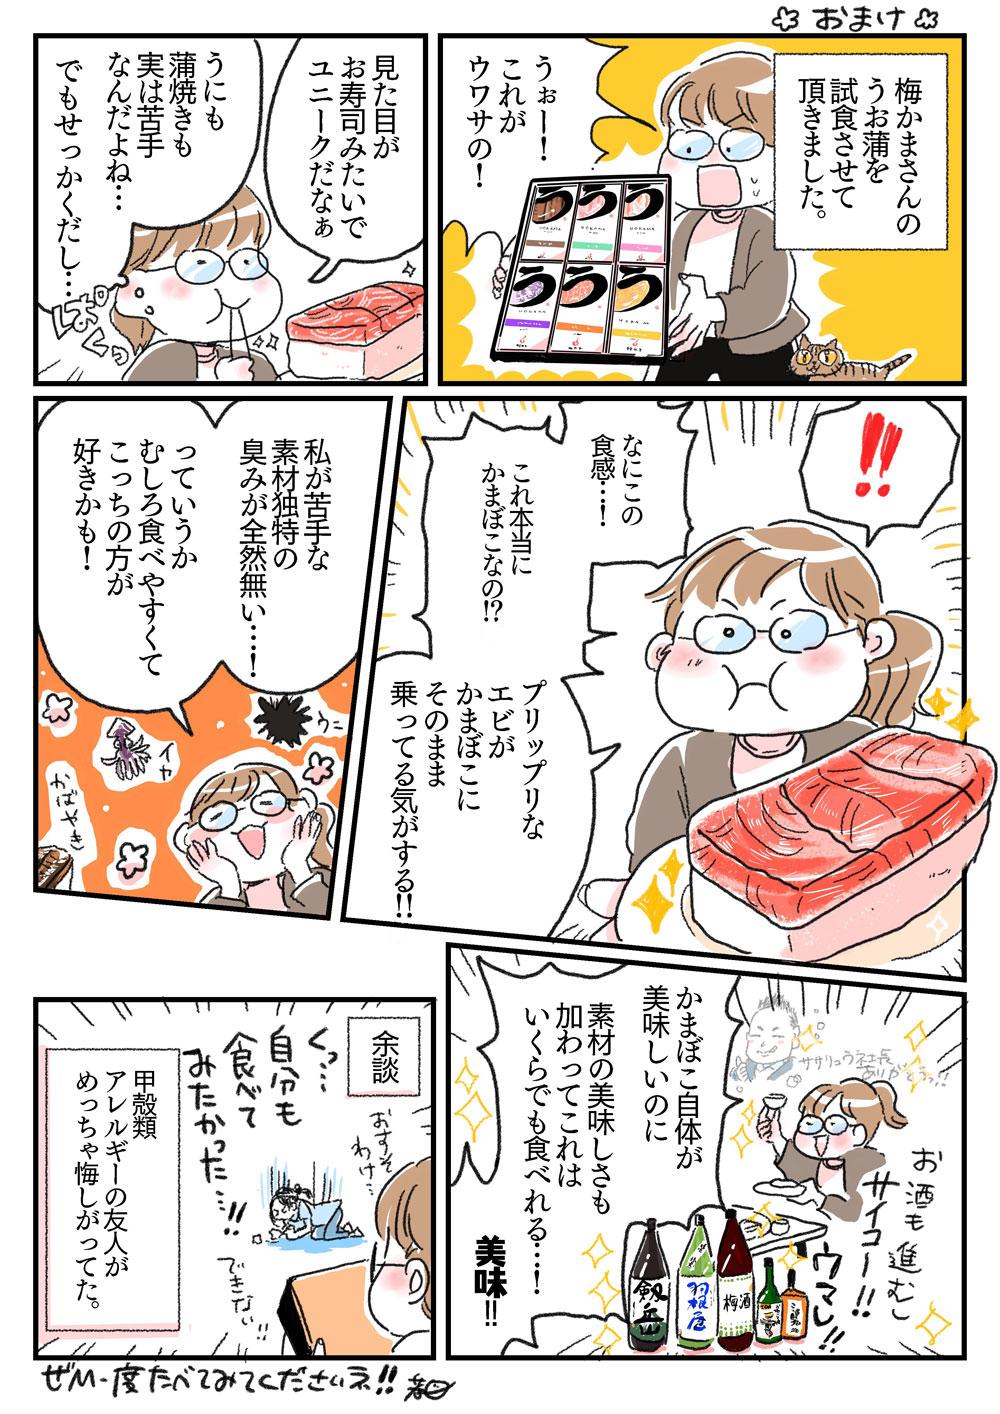 ウメカマンガ(巻) 8杯目 人気ランキング1位のうお蒲!富山のお酒との相性もバッチリ!